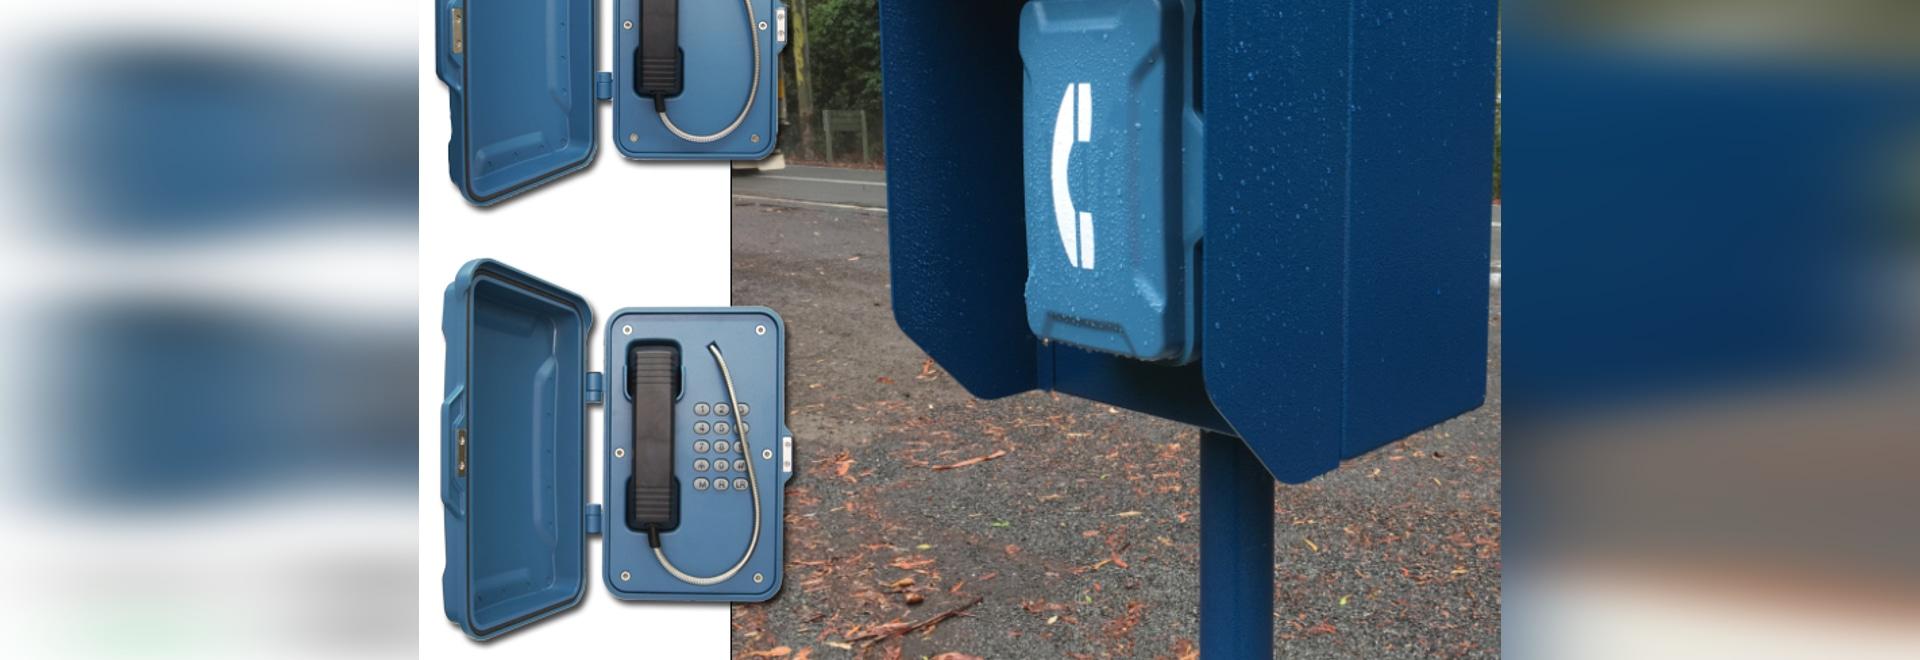 Teléfonos del borde de la carretera de la emergencia instalados en la carretera de Oxley en Australia